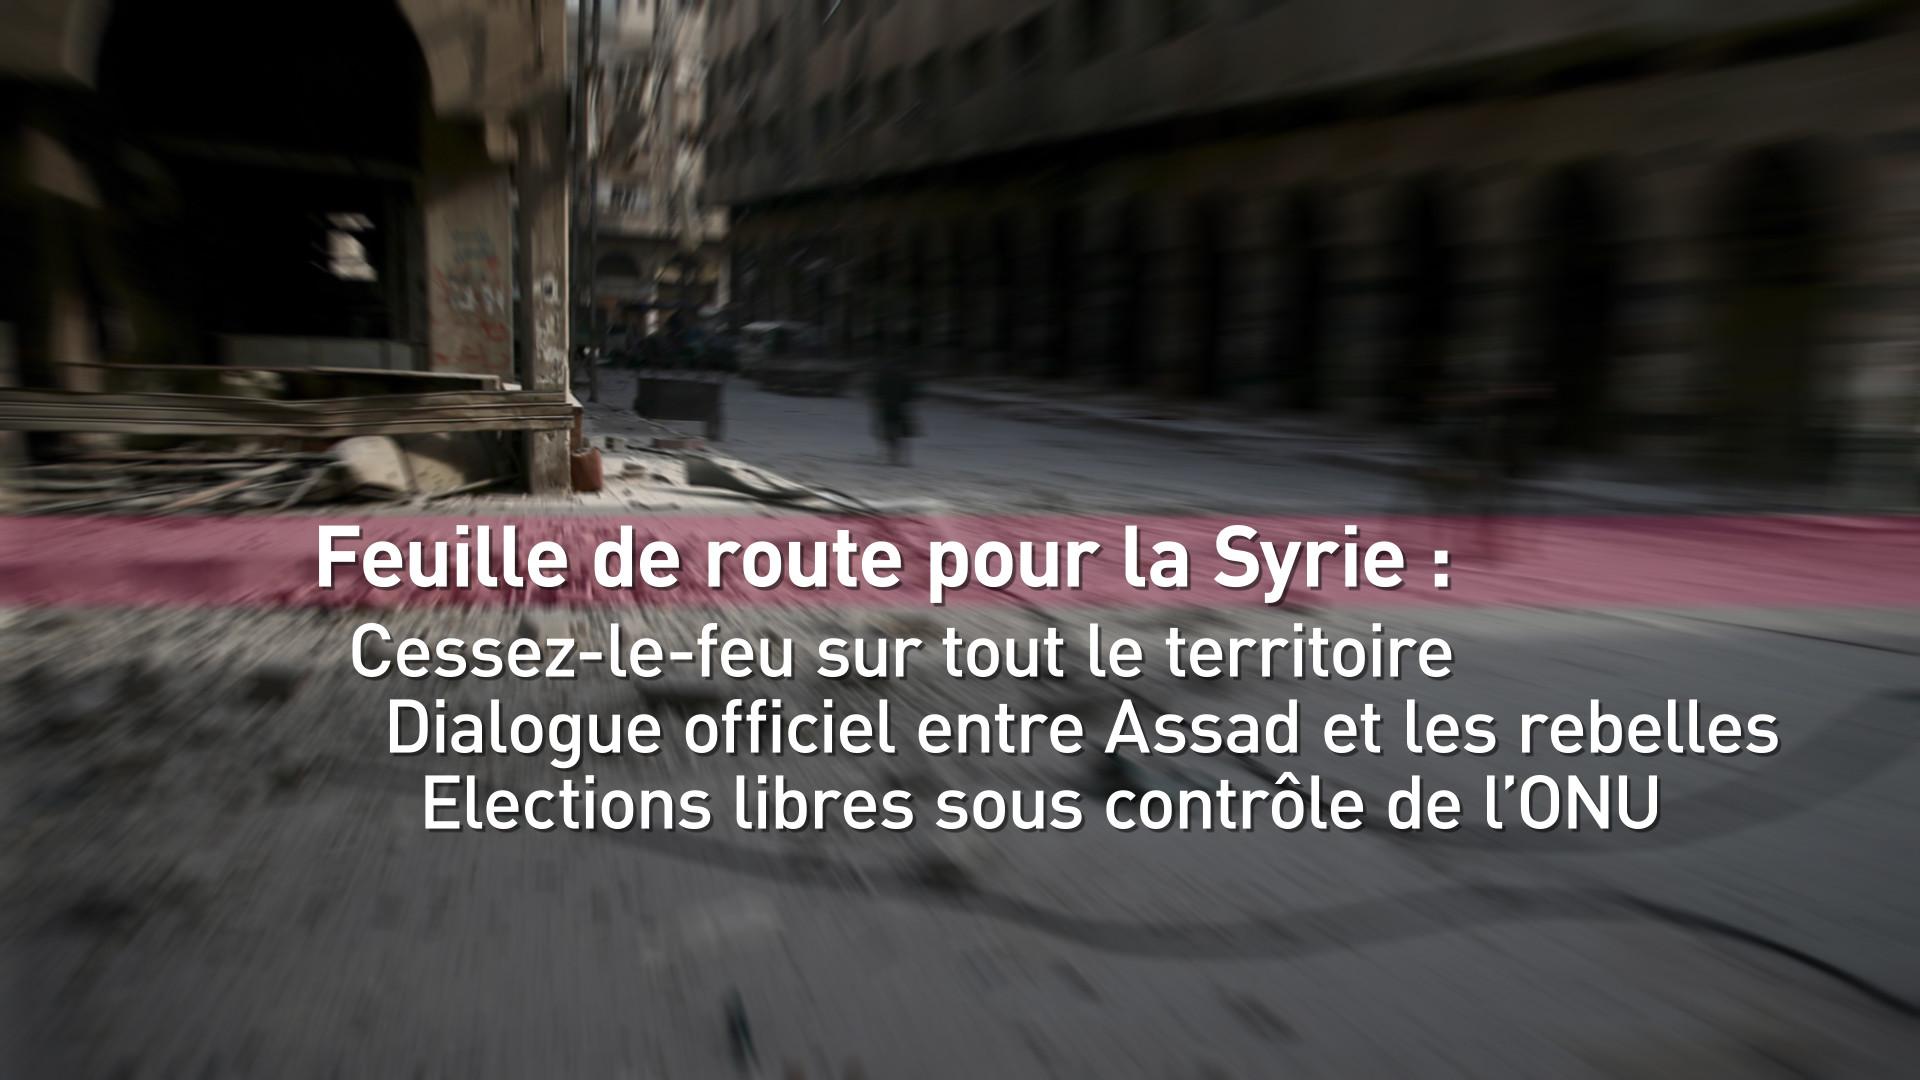 New York : le ton de Washington sur la Syrie s'est-il adouci ?